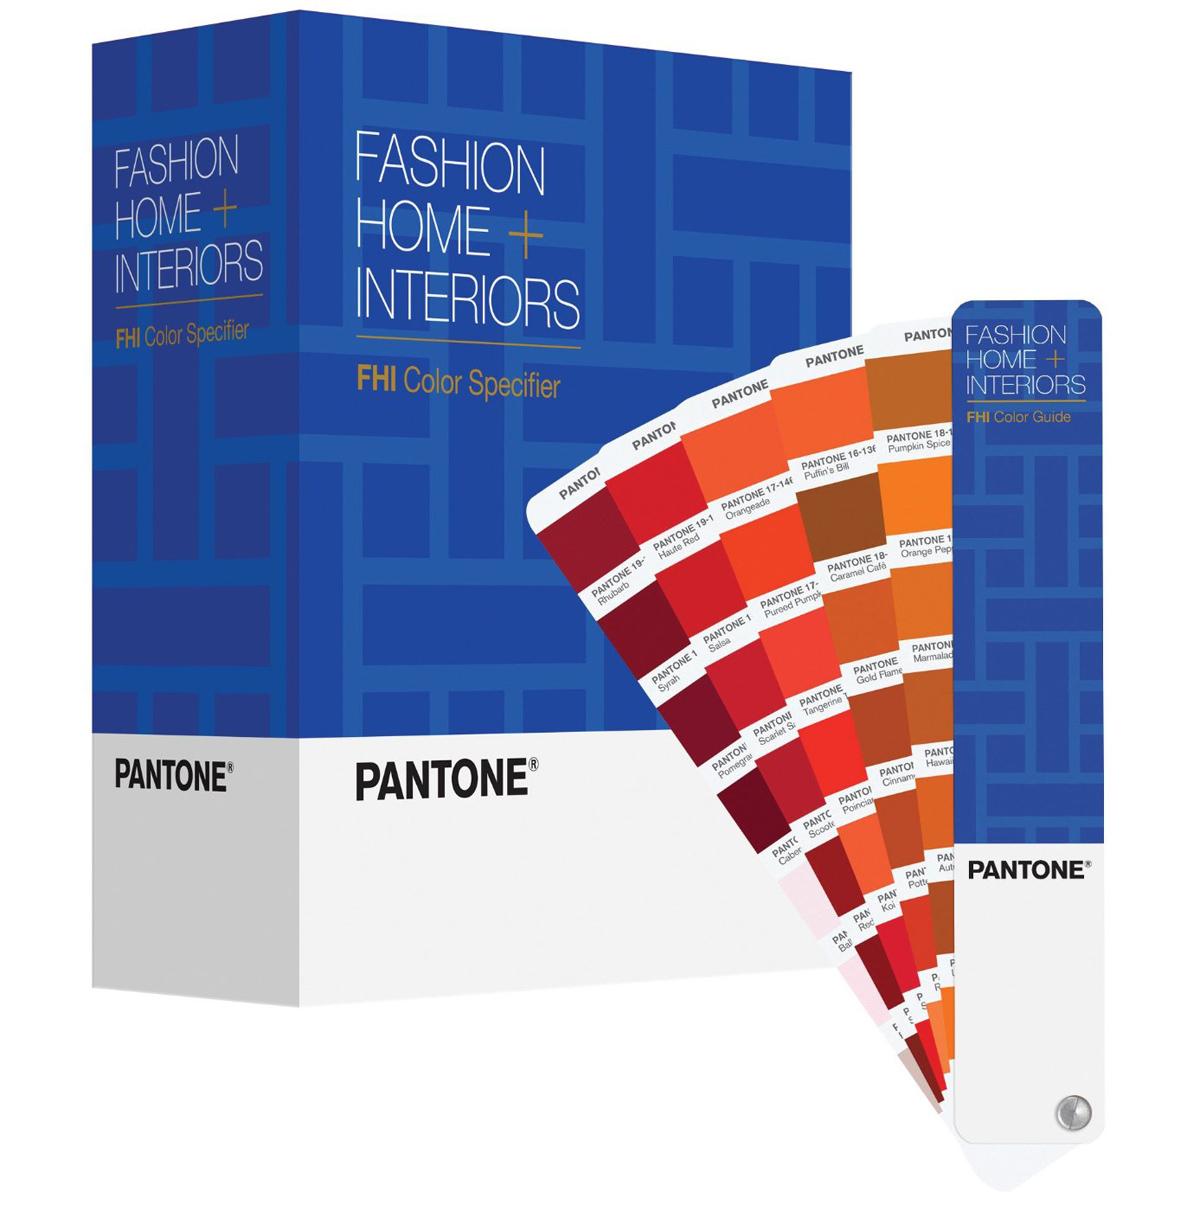 Купить Pantone FHI Color Guide & Specifier (FPP200) - набор цветовых справочников